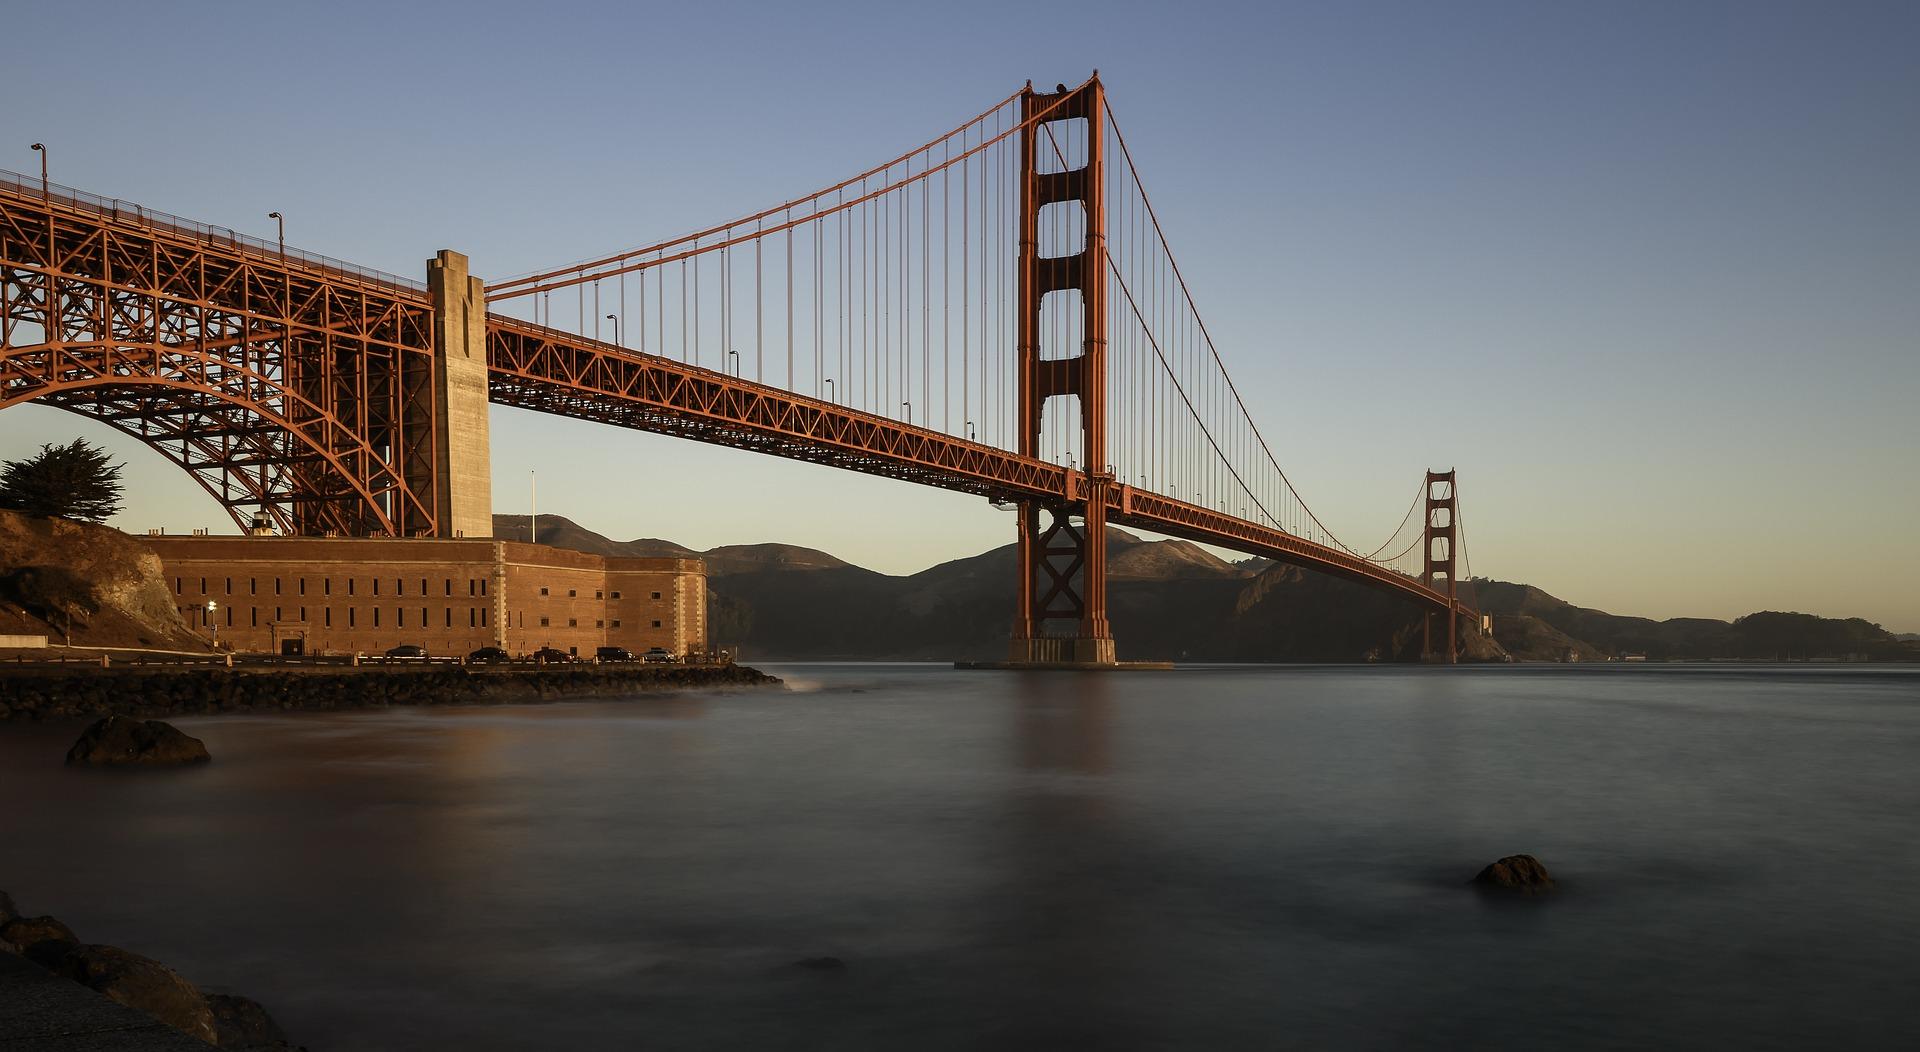 San Francisco a legjobb csúcstechmológiájú város a világon